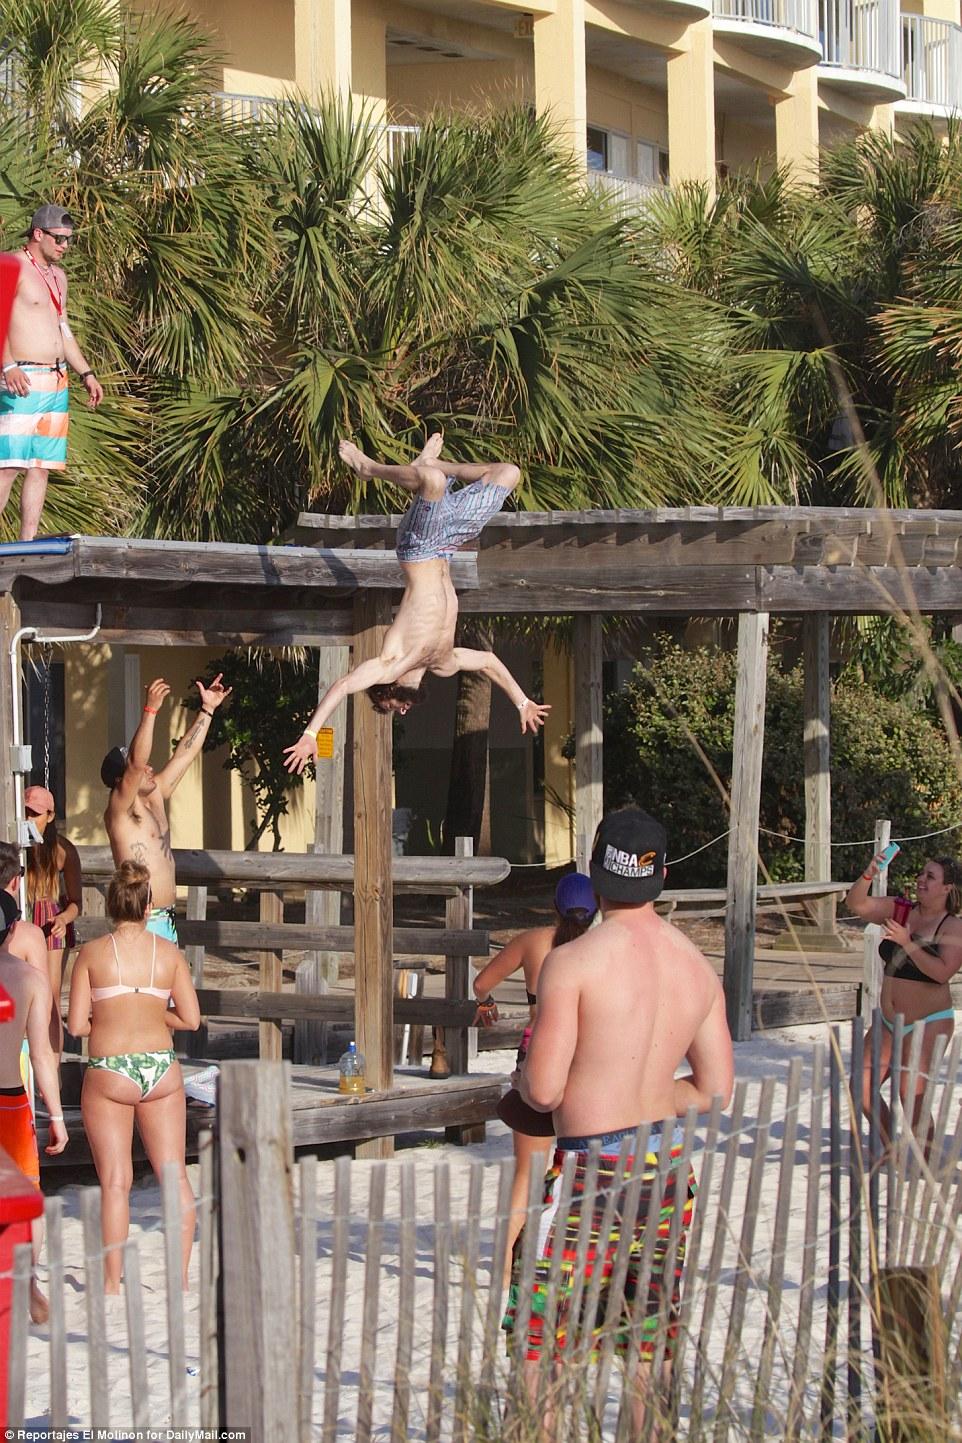 Один из студентов, чтобы впечатлить остальных, прыгнул на песок с крыши.